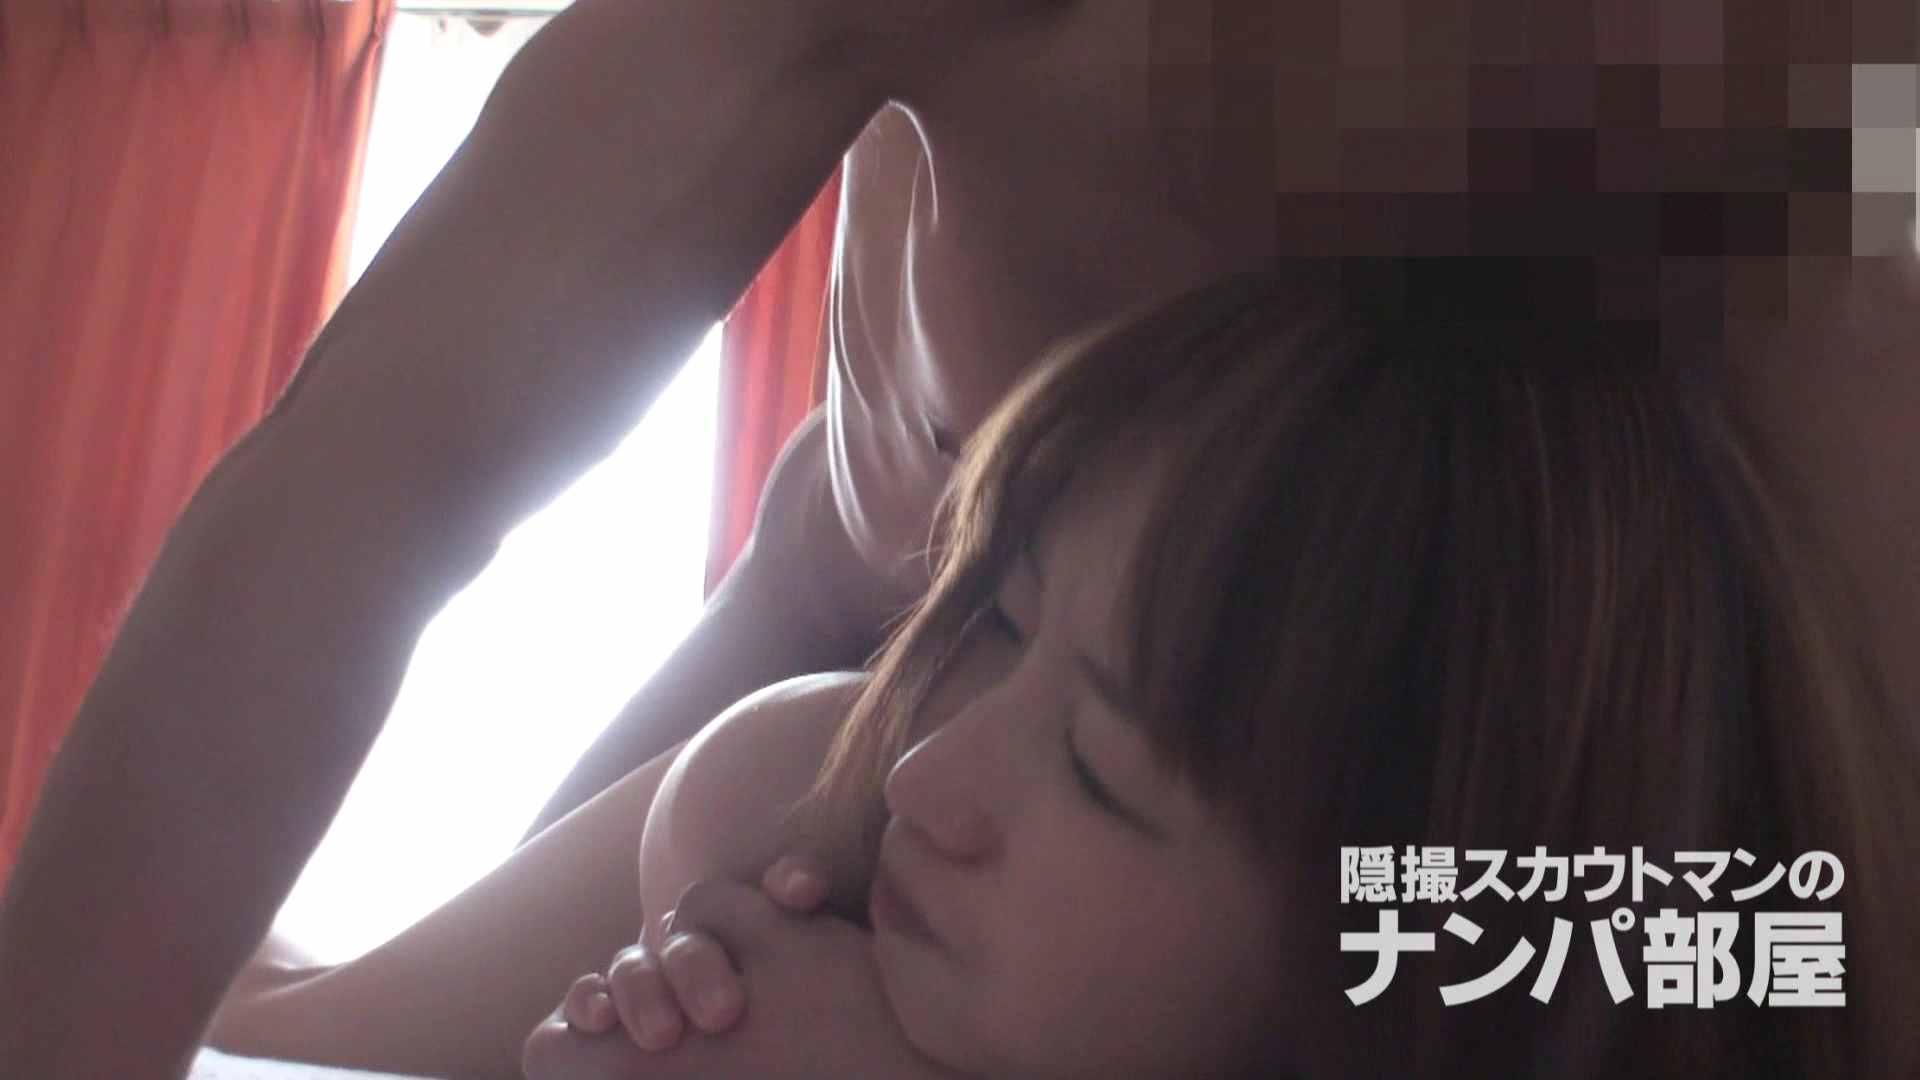 隠撮スカウトマンのナンパ部屋~風俗デビュー前のつまみ食い~ siivol.4 0 | 中出し  57PIX 46